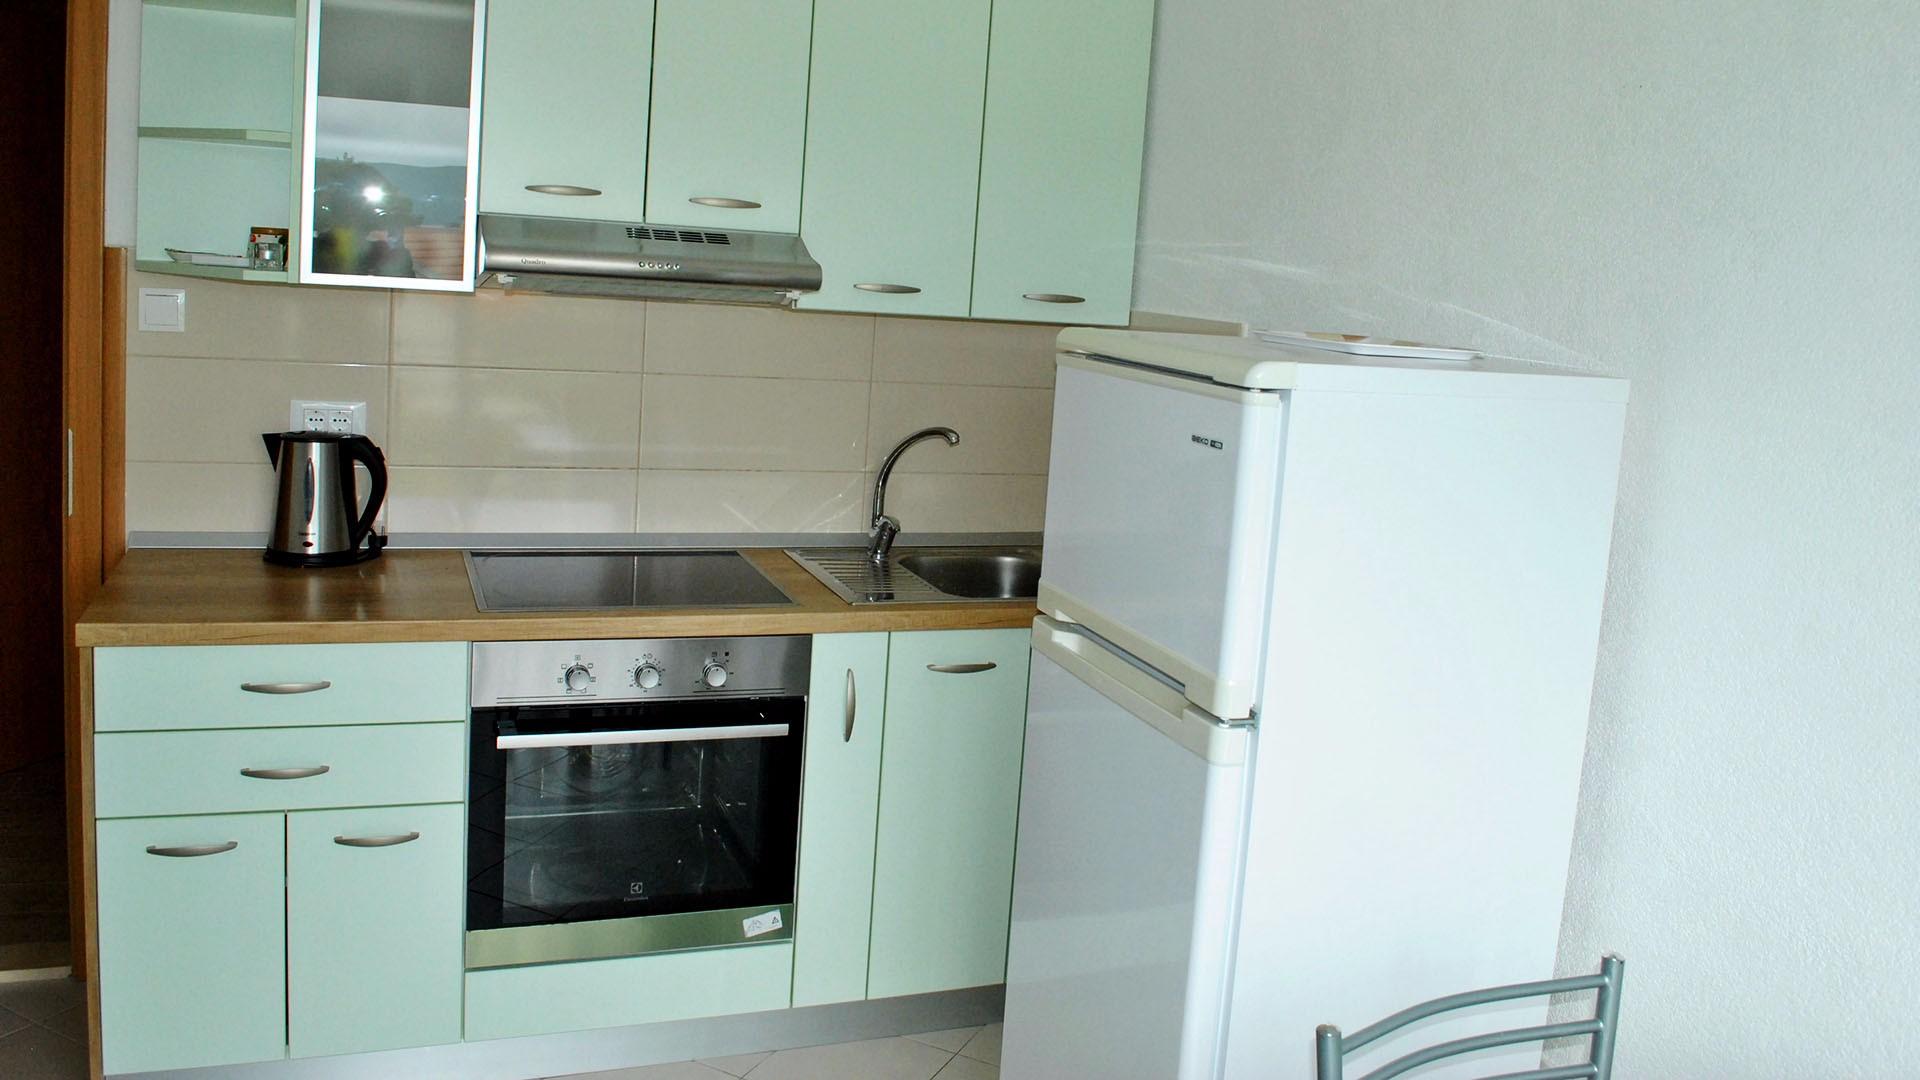 ApartmentA5 kitchen